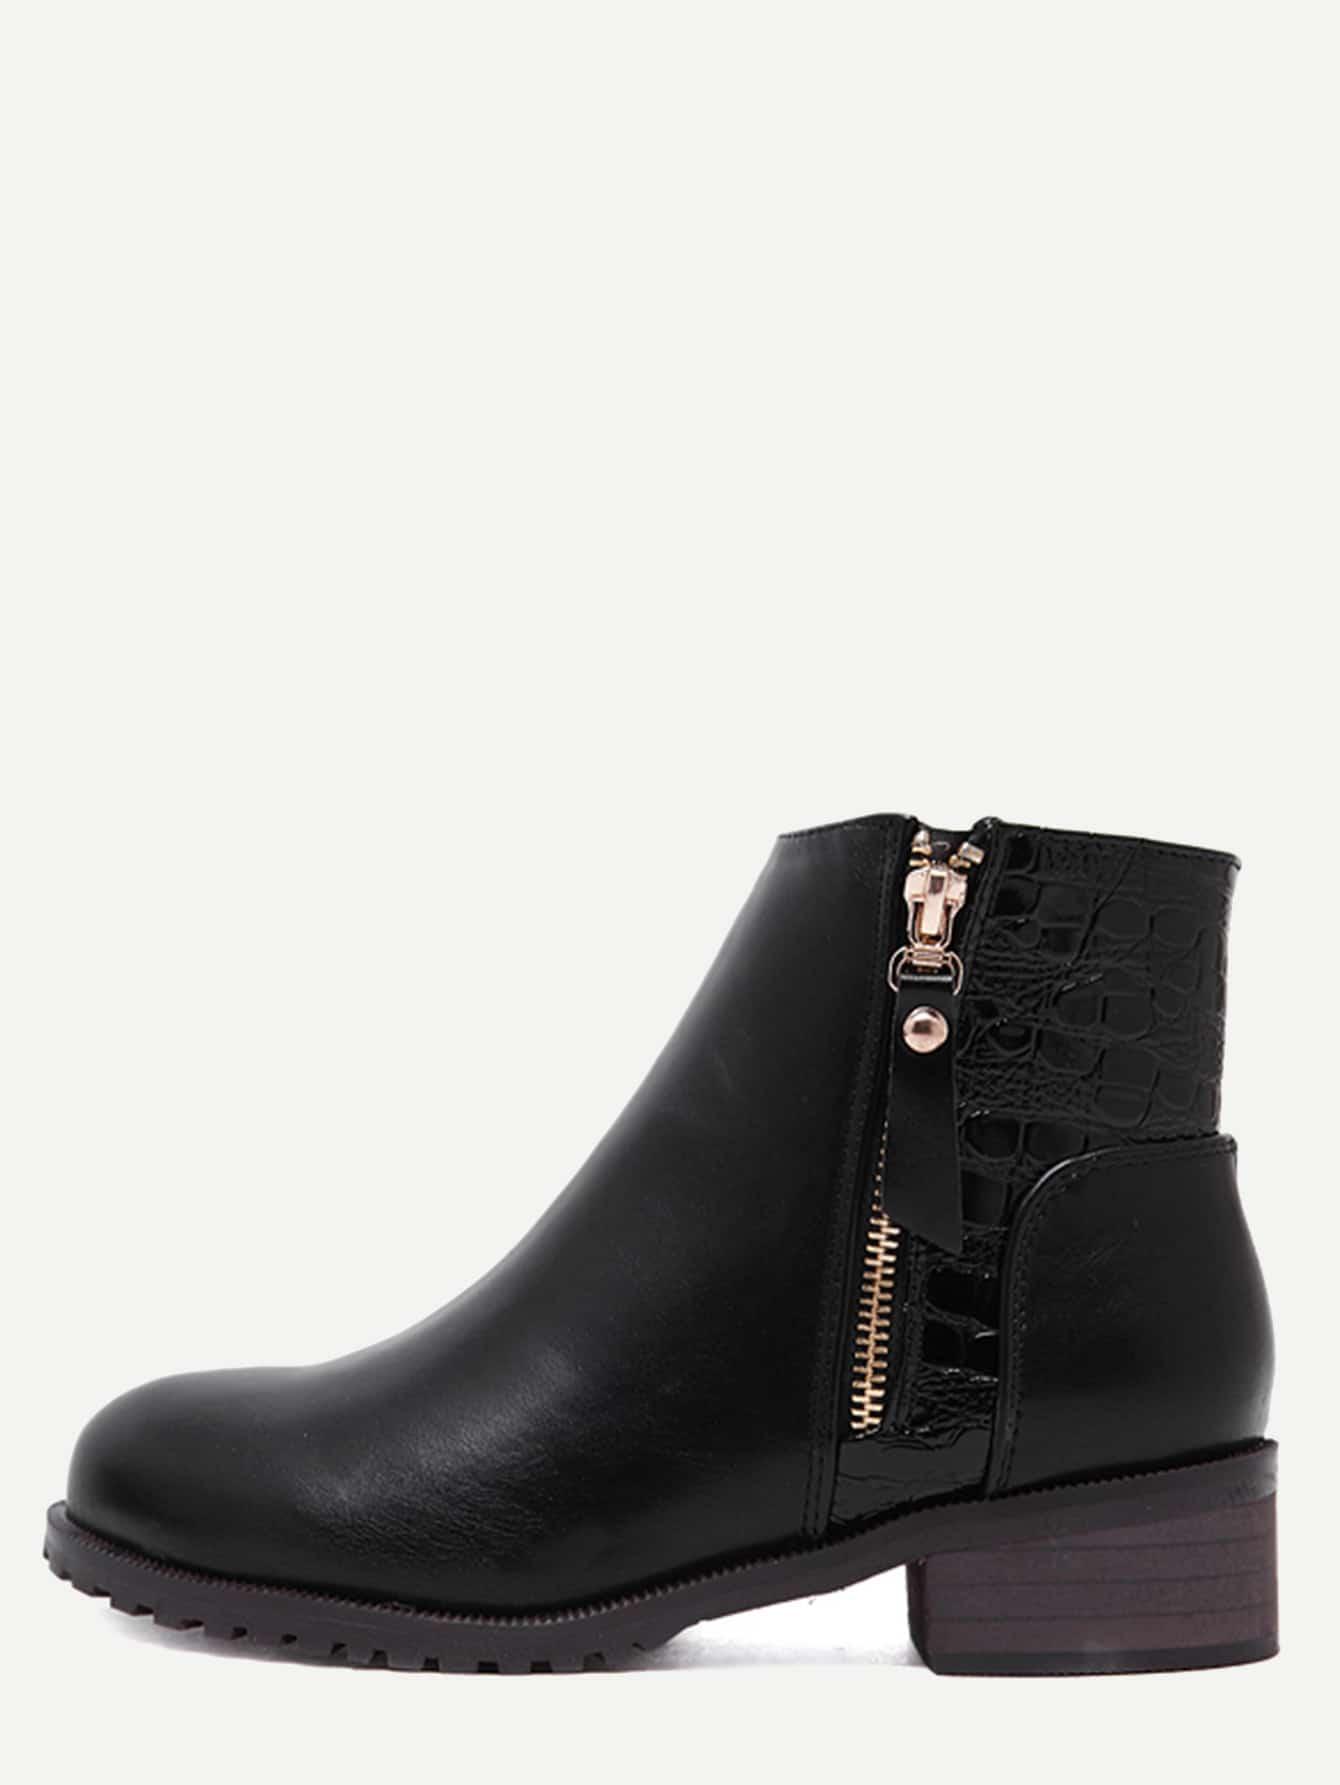 shoes161031811_2